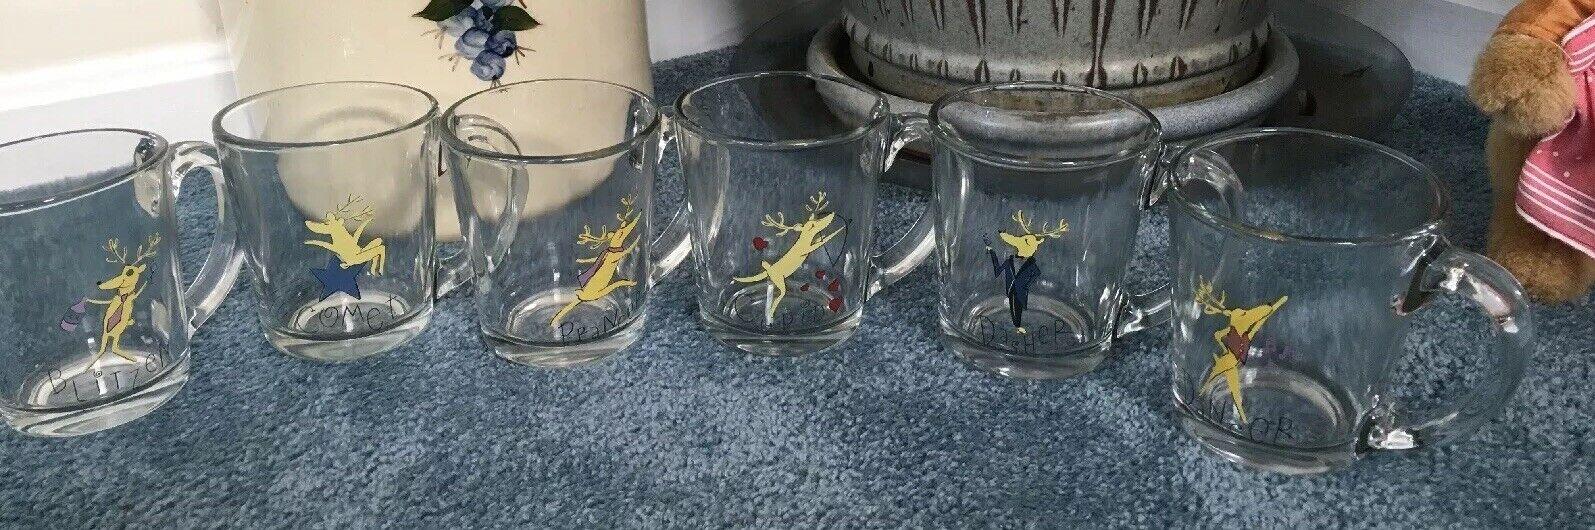 (Set Of Six) Pottery Barn Reindeer Glass Christmas Holiday Mugs With Handles